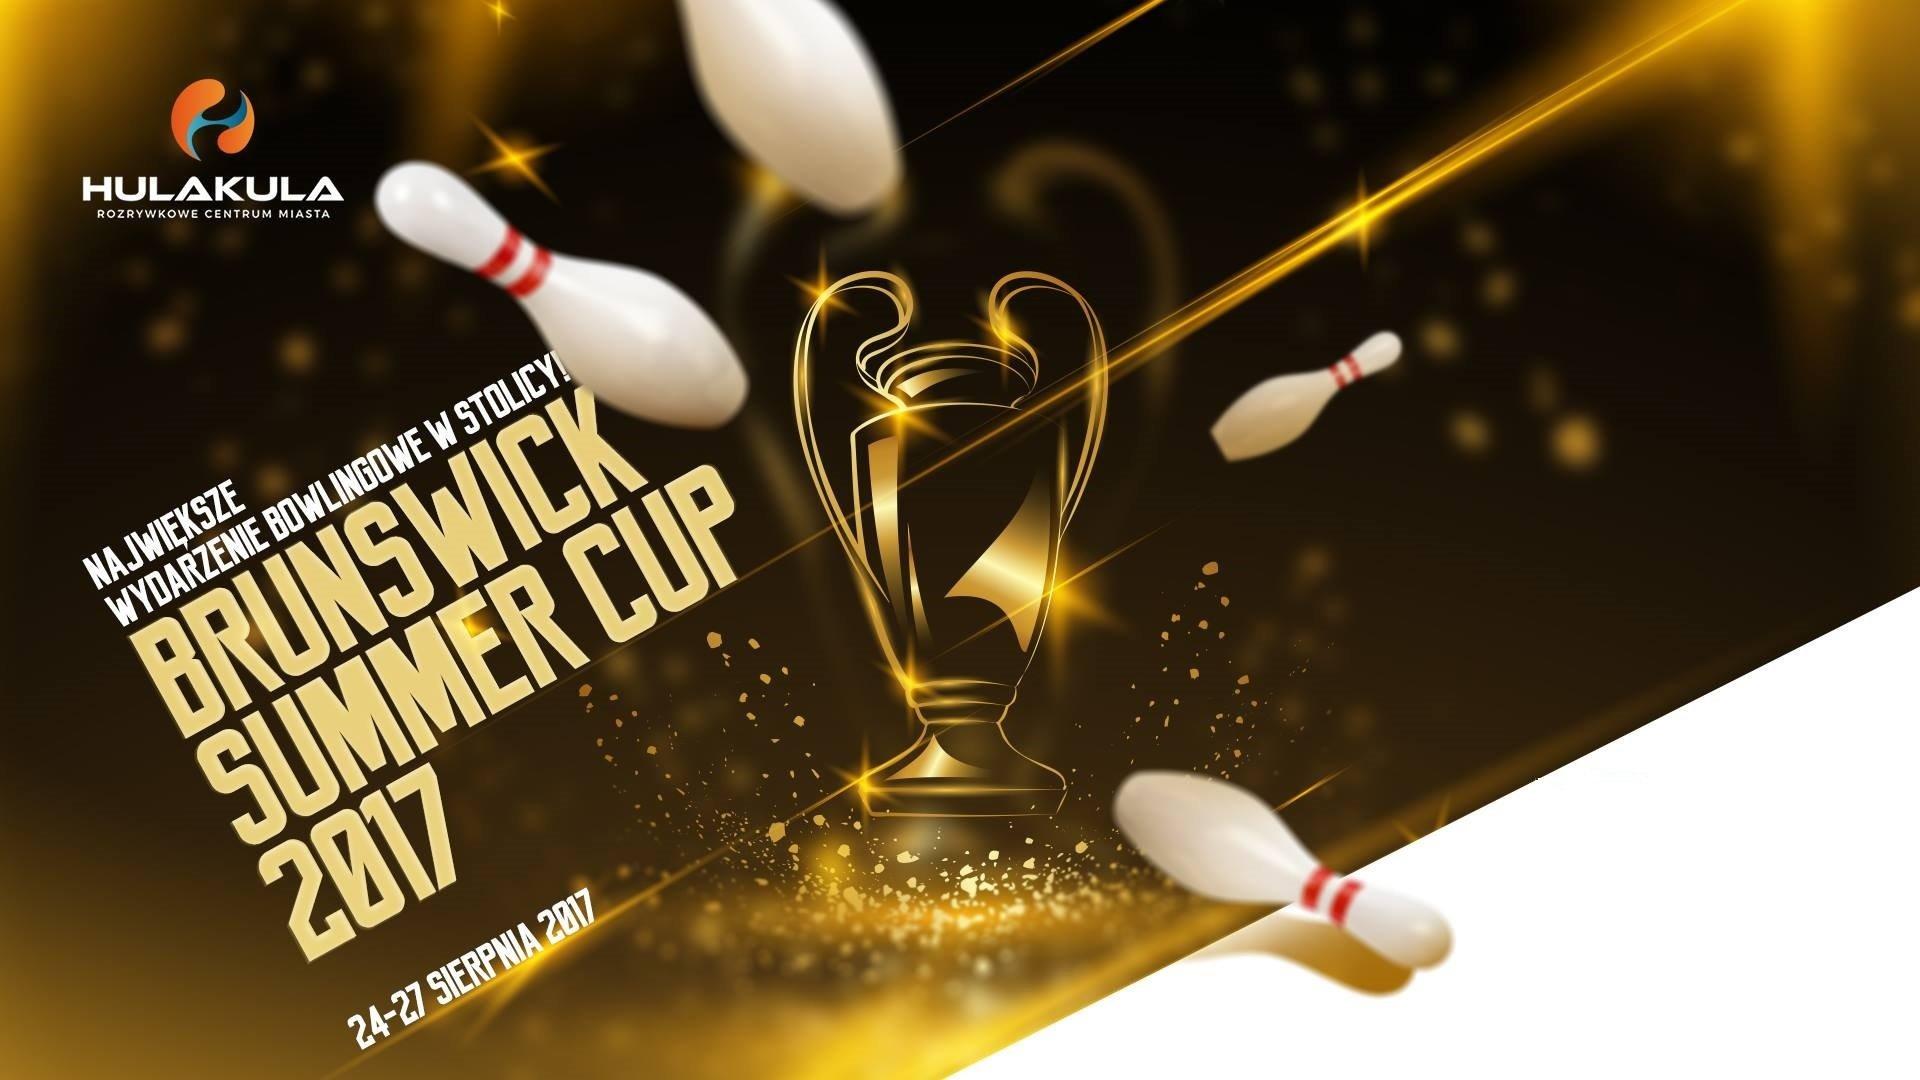 Brunswick Summer Cup 2017 w Hulakula